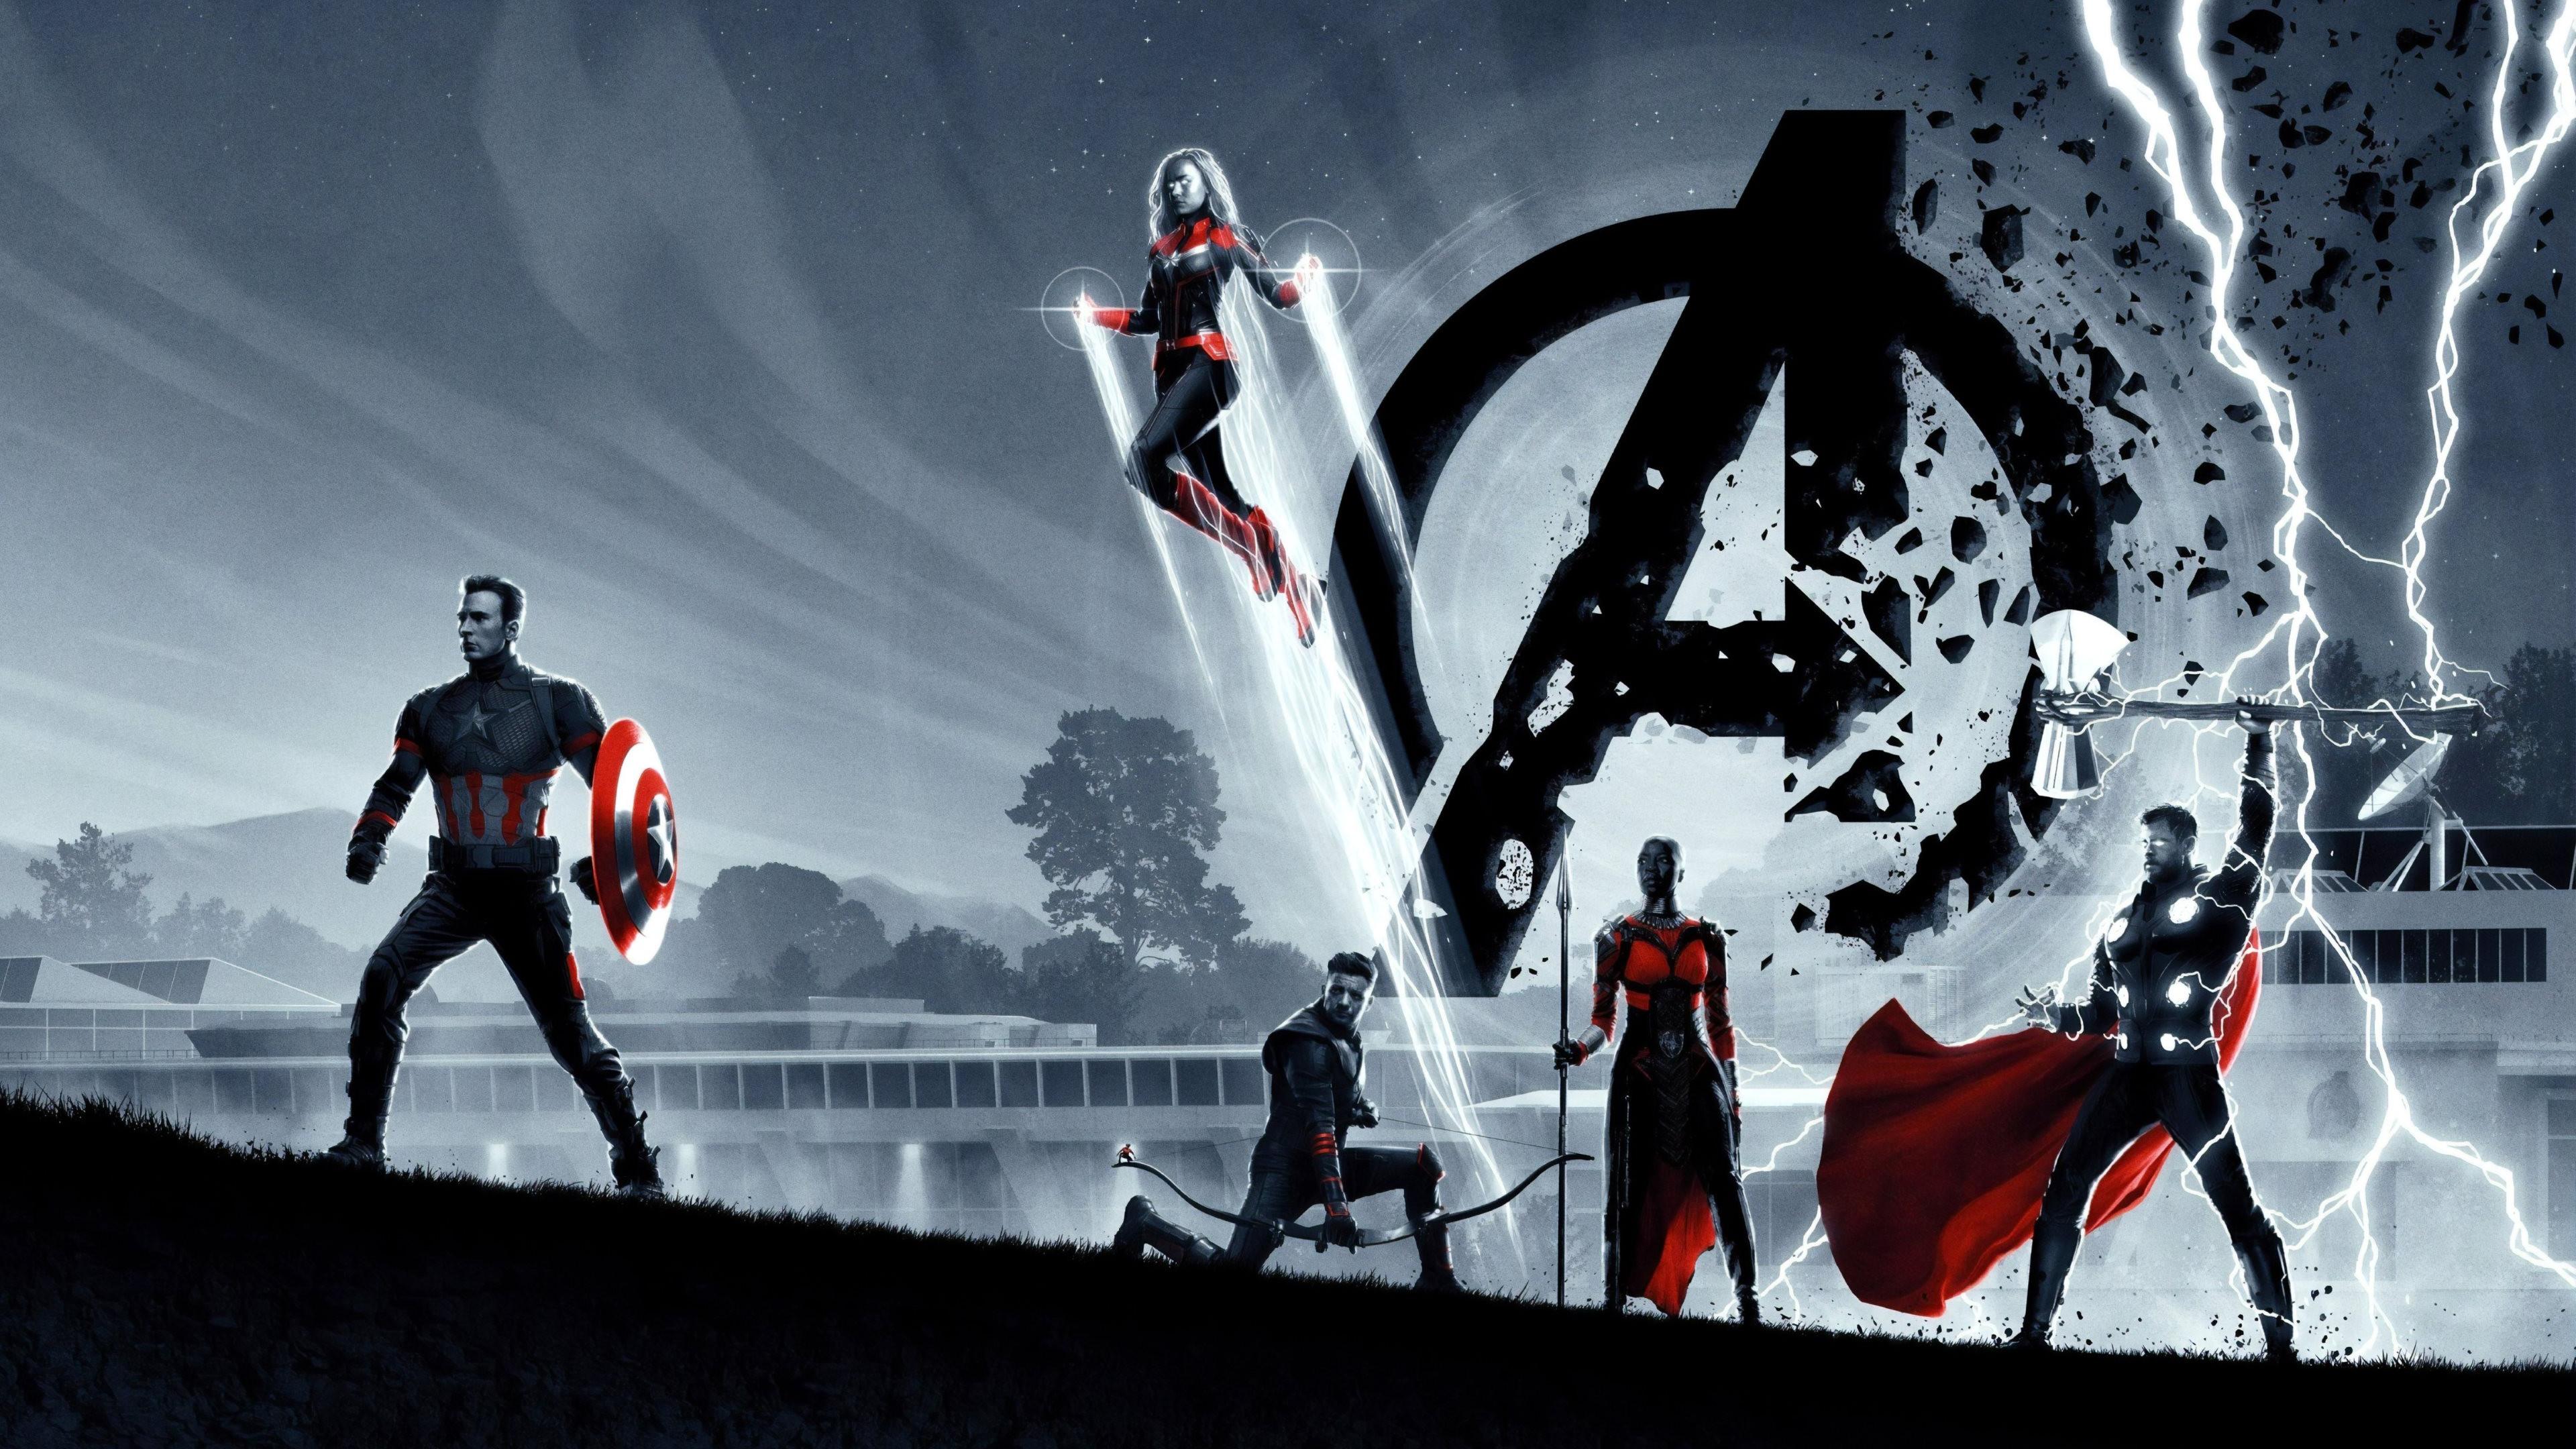 Download Wallpaper Avengers Endgame Poster 3840x2160